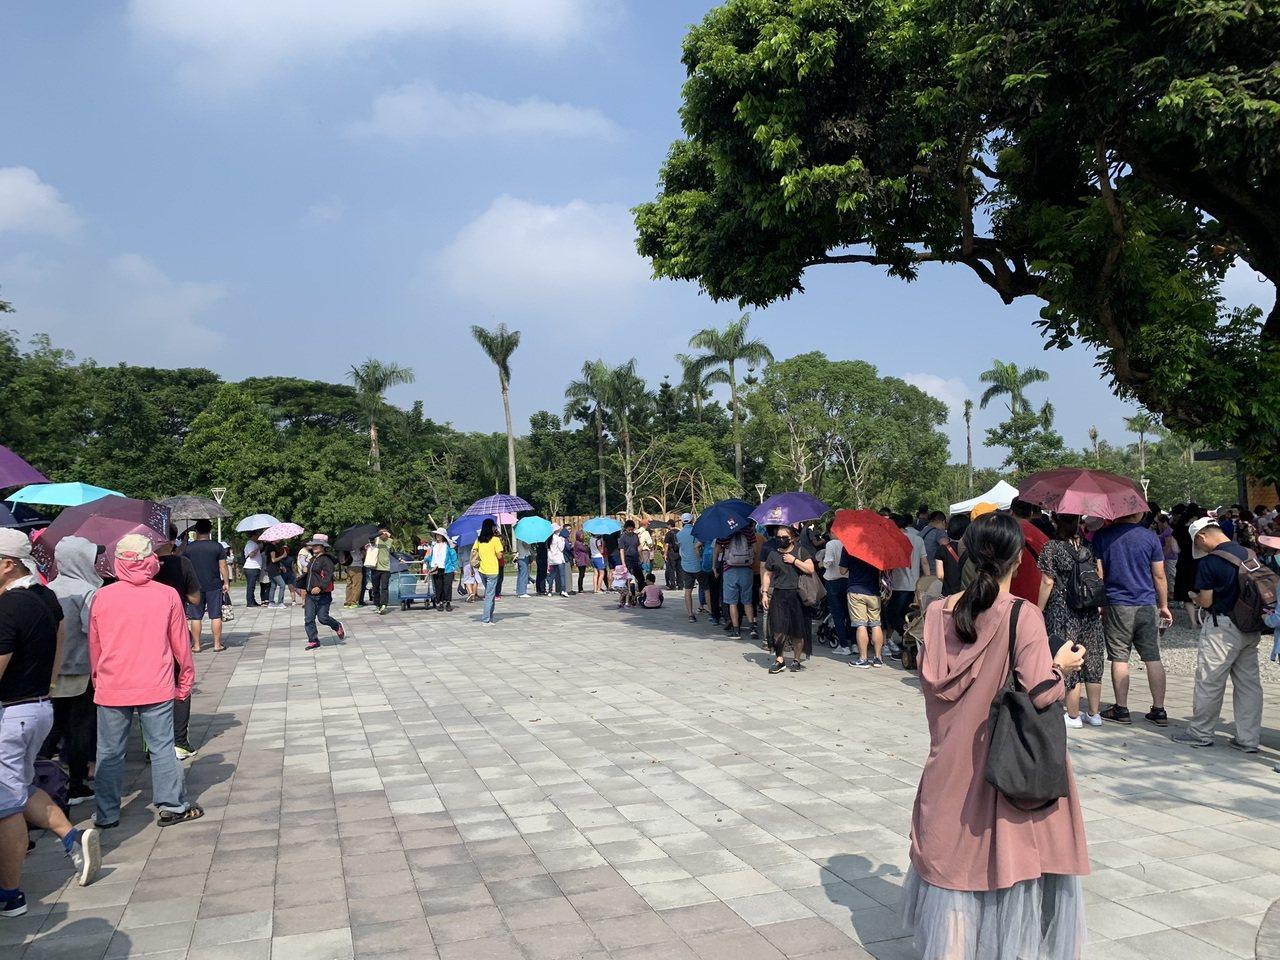 台南山上花園水道博物館雙十國慶連假吸引爆滿遊客,大門口大排長龍。圖/文化局提供